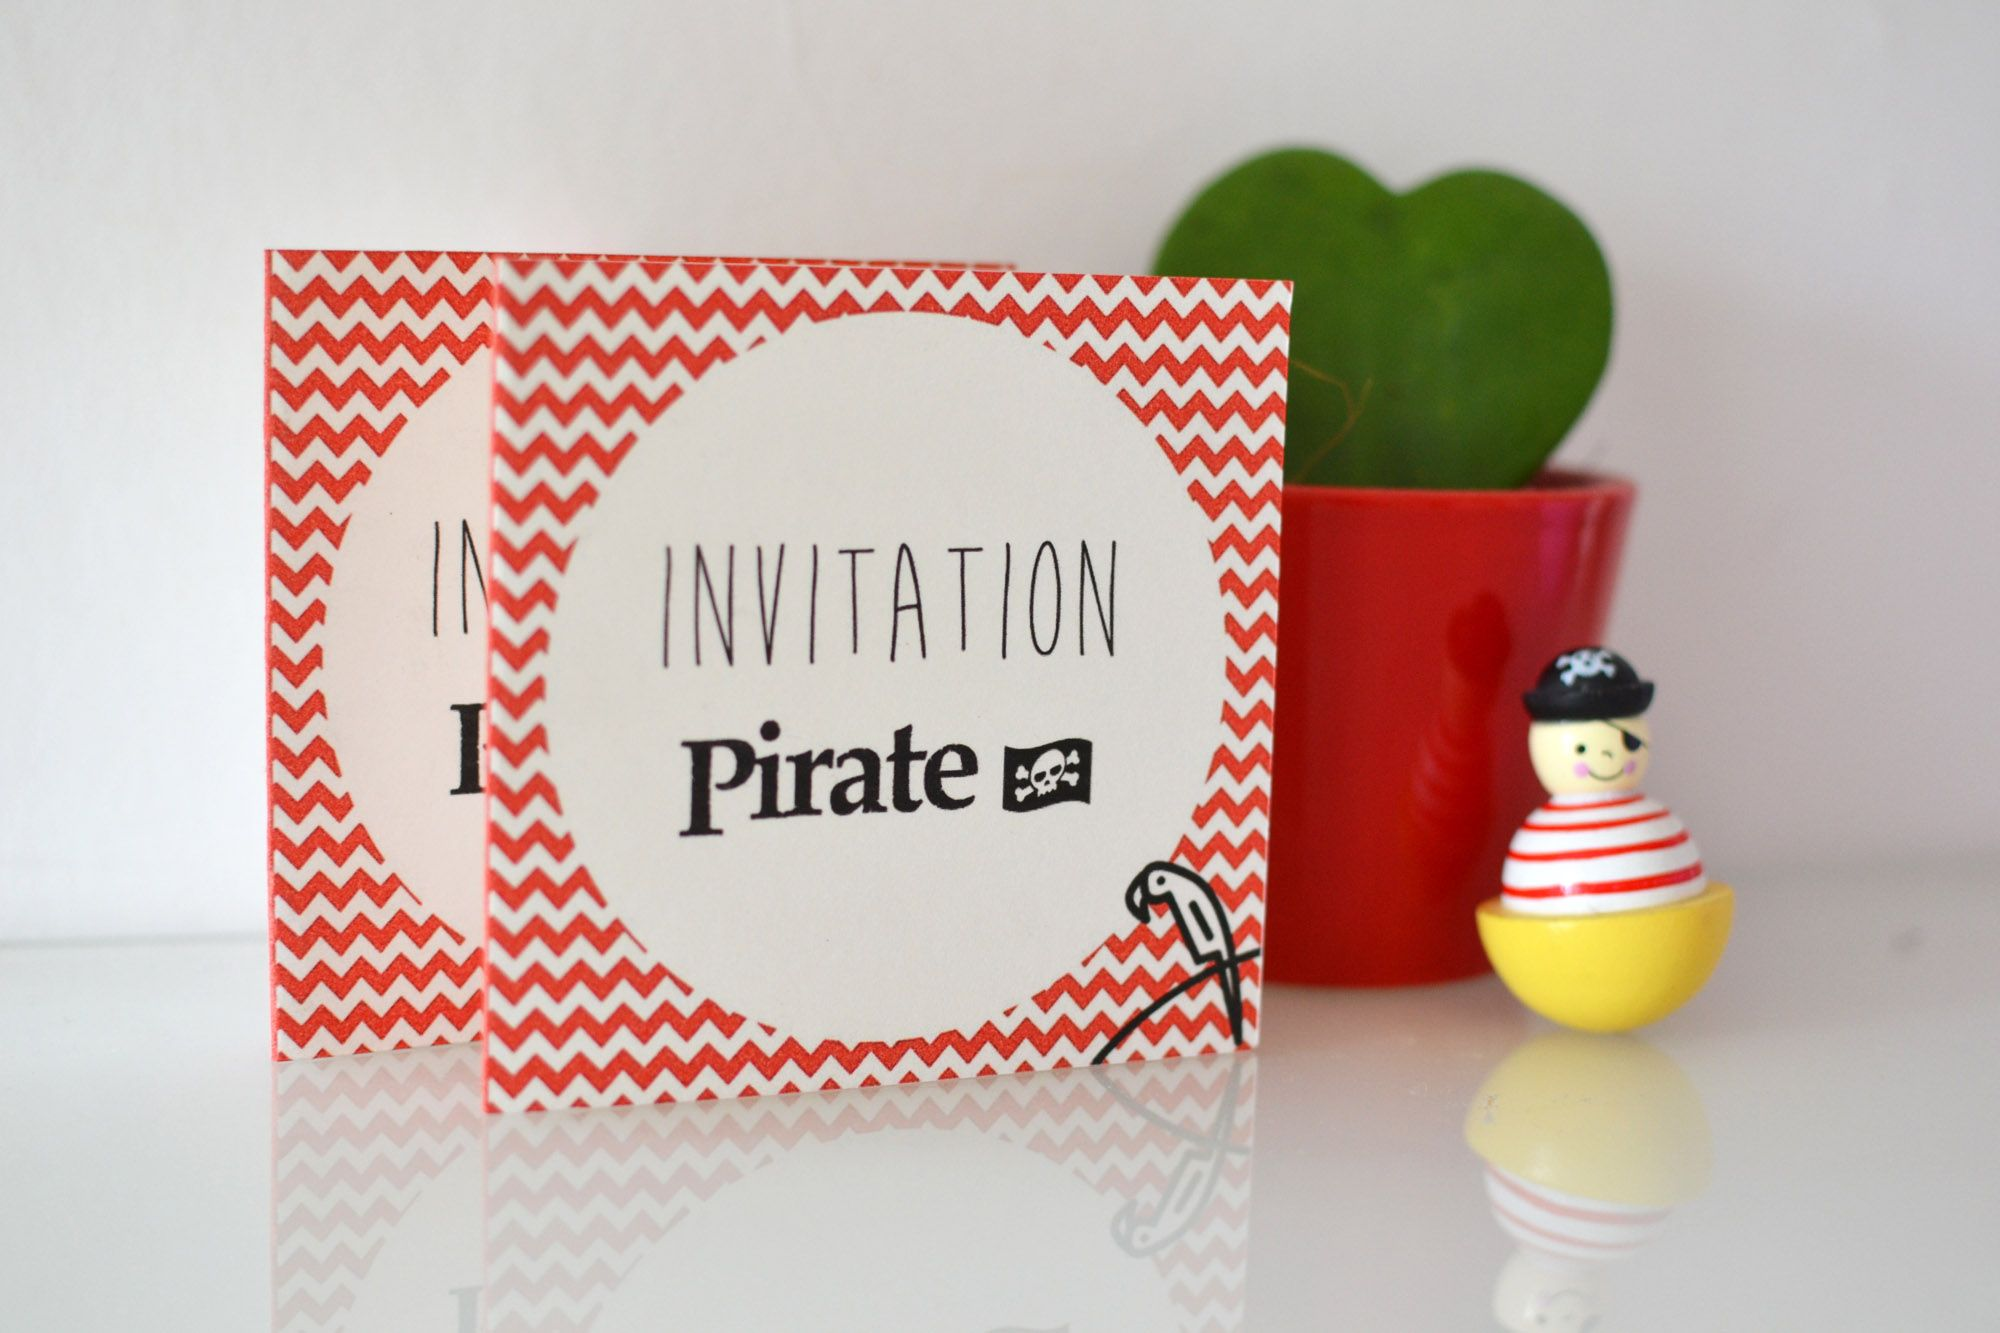 Invitation Pirate A Chevrons Mon Anniversaire Pirate Carte Anniversaire Carte Anniversaire Fille Anniversaire Pirate